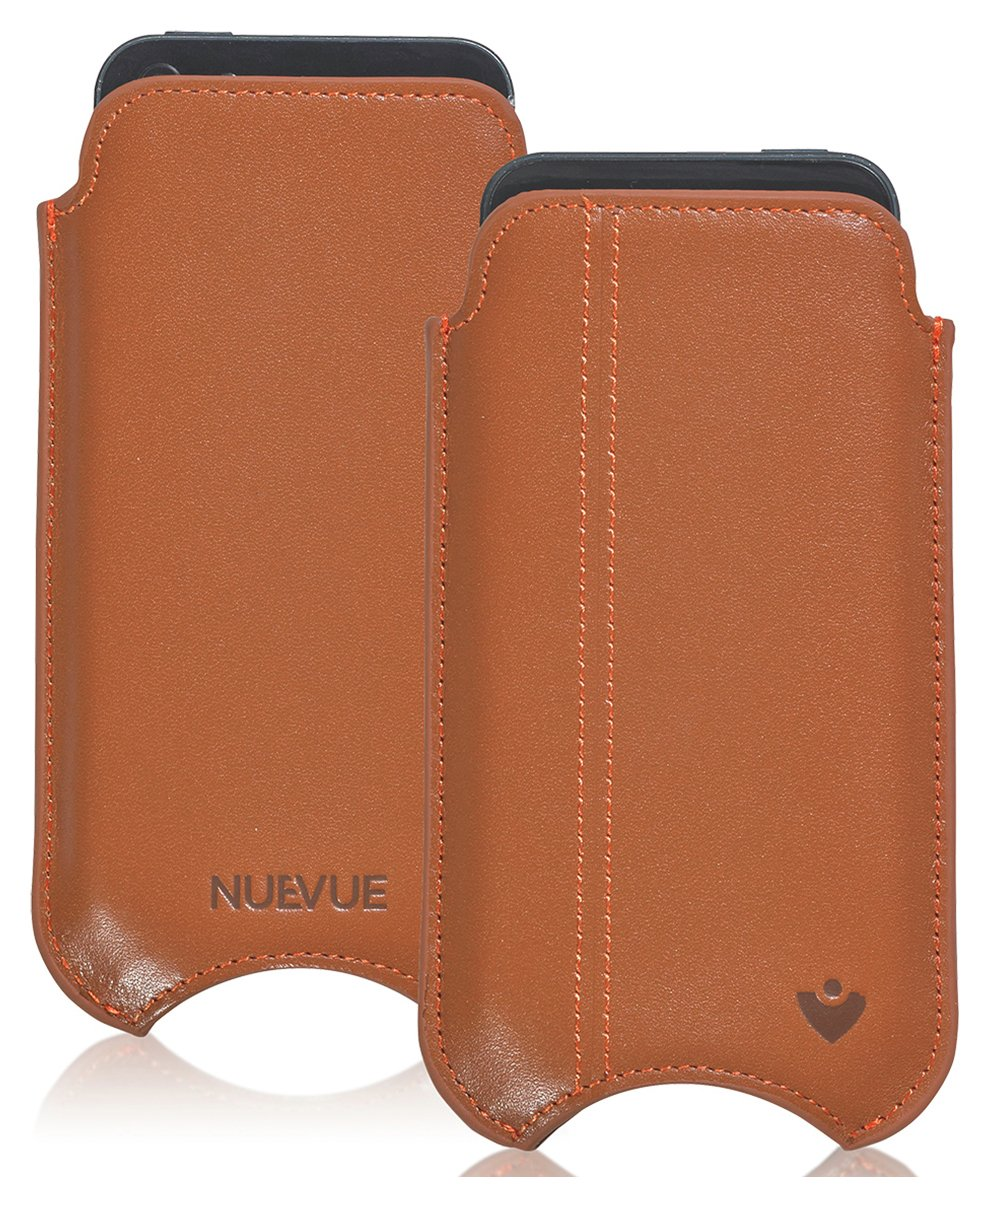 NueVue NueVue Leather iPhone 6 Case - Tan/Purple/Orange